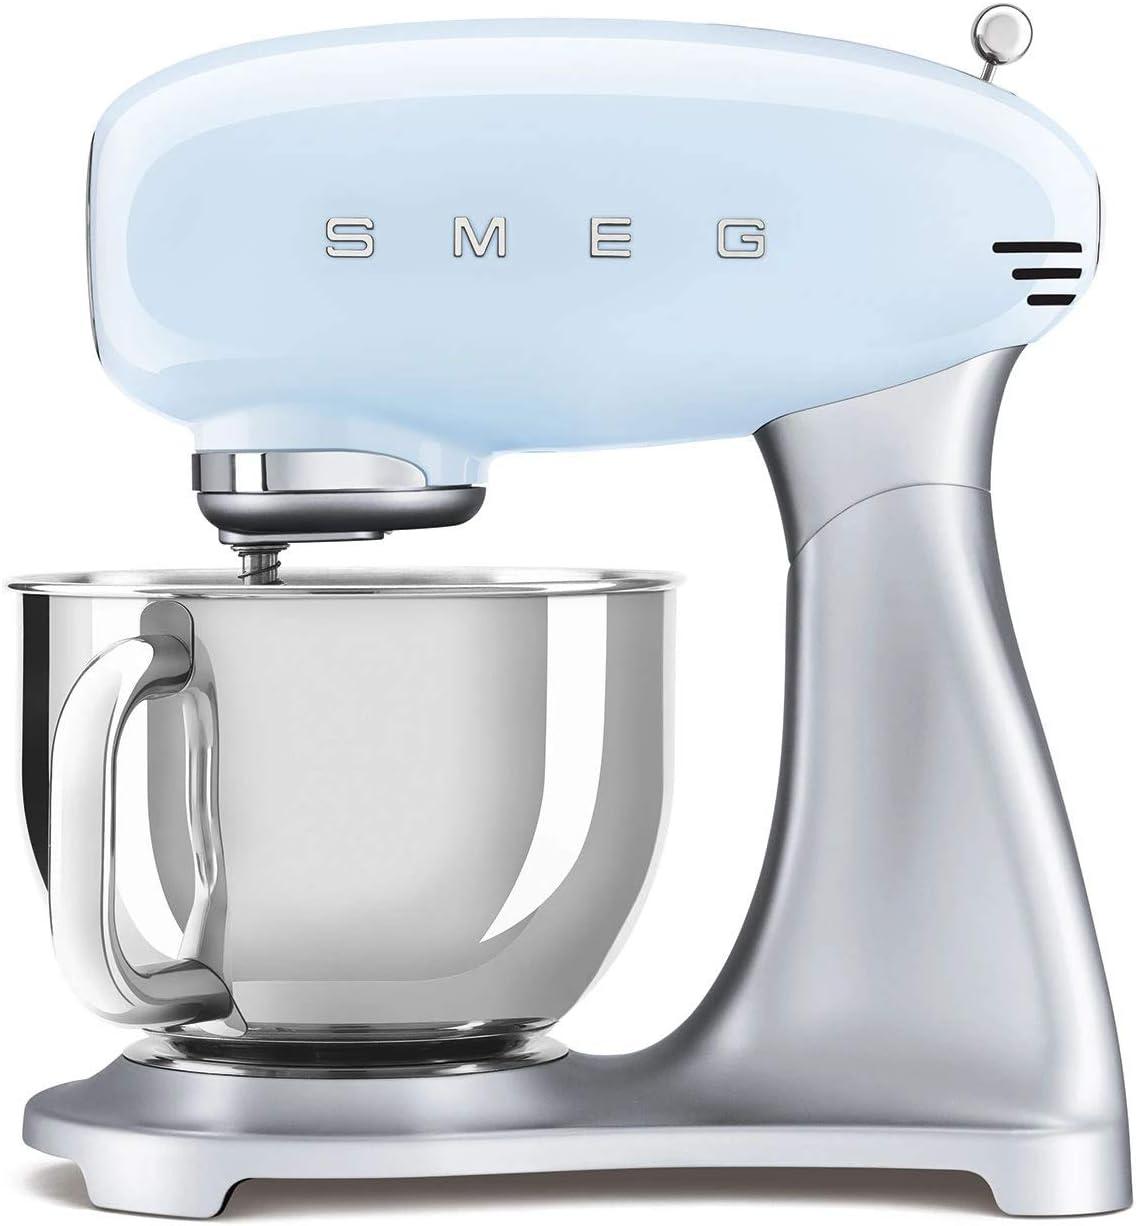 Smeg SMF02PBEU robot de cocina, Acero Inoxidable: Amazon.es: Hogar